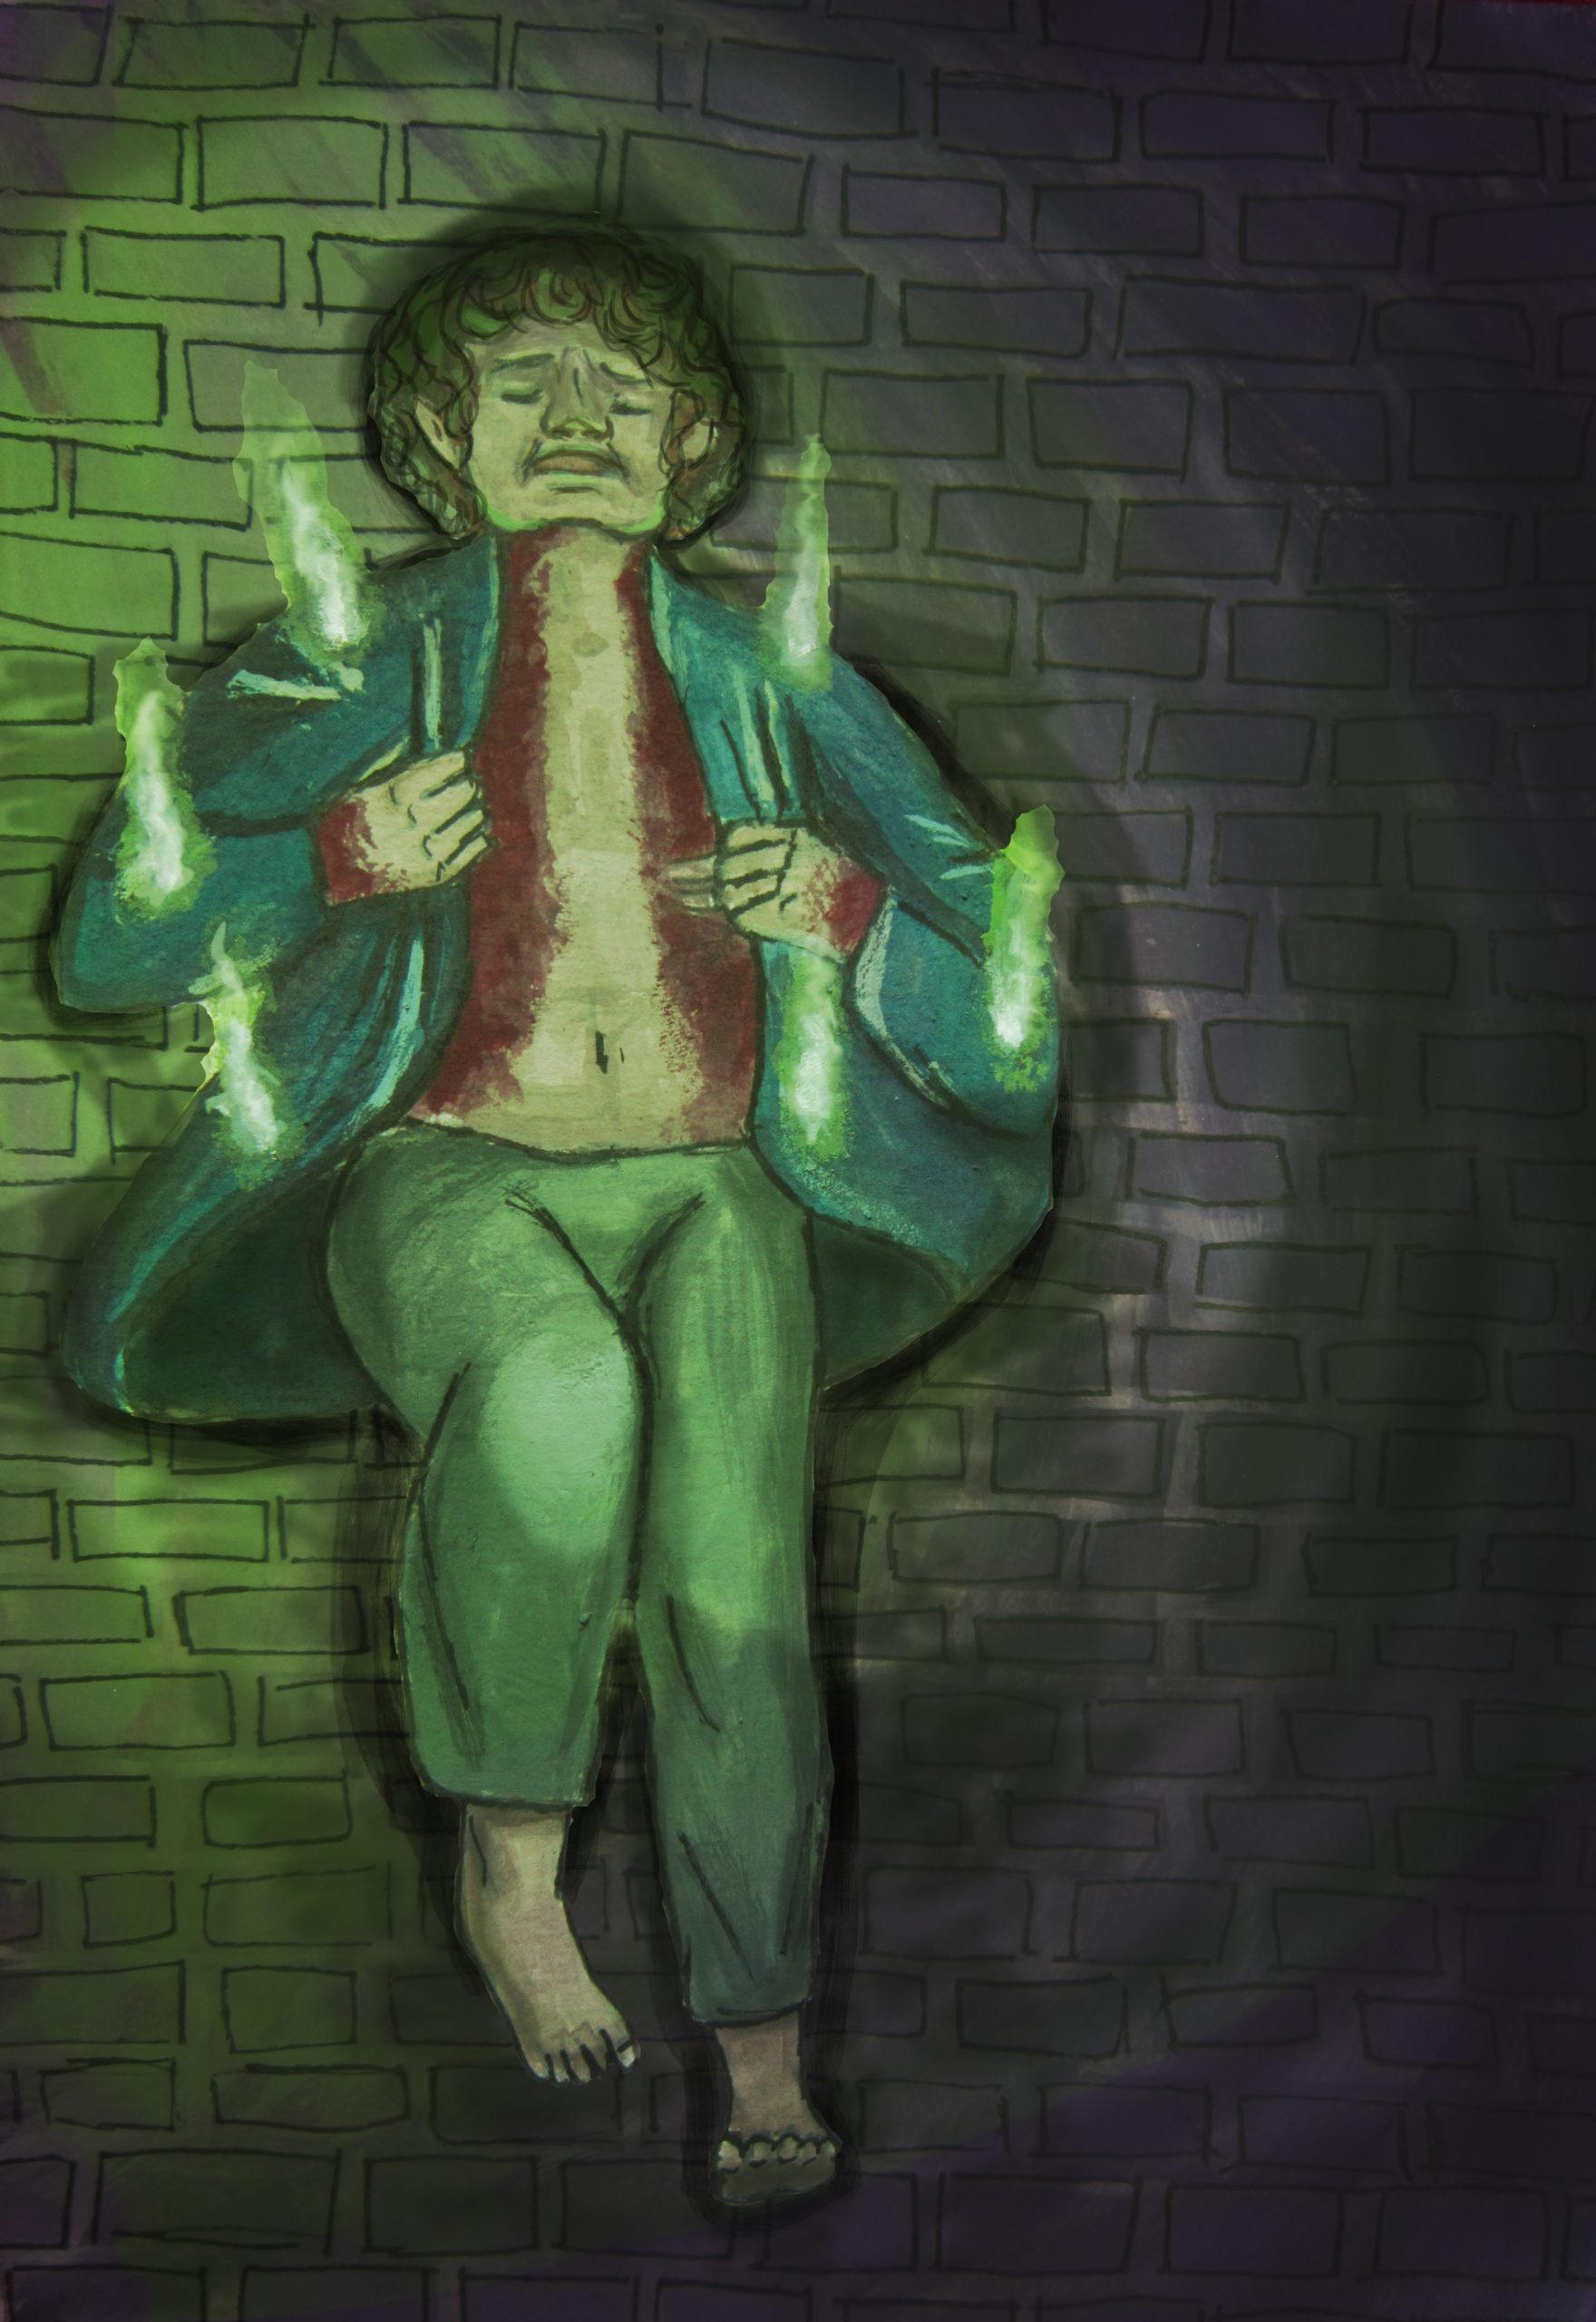 Hercules student artwork from MassArt, Boger